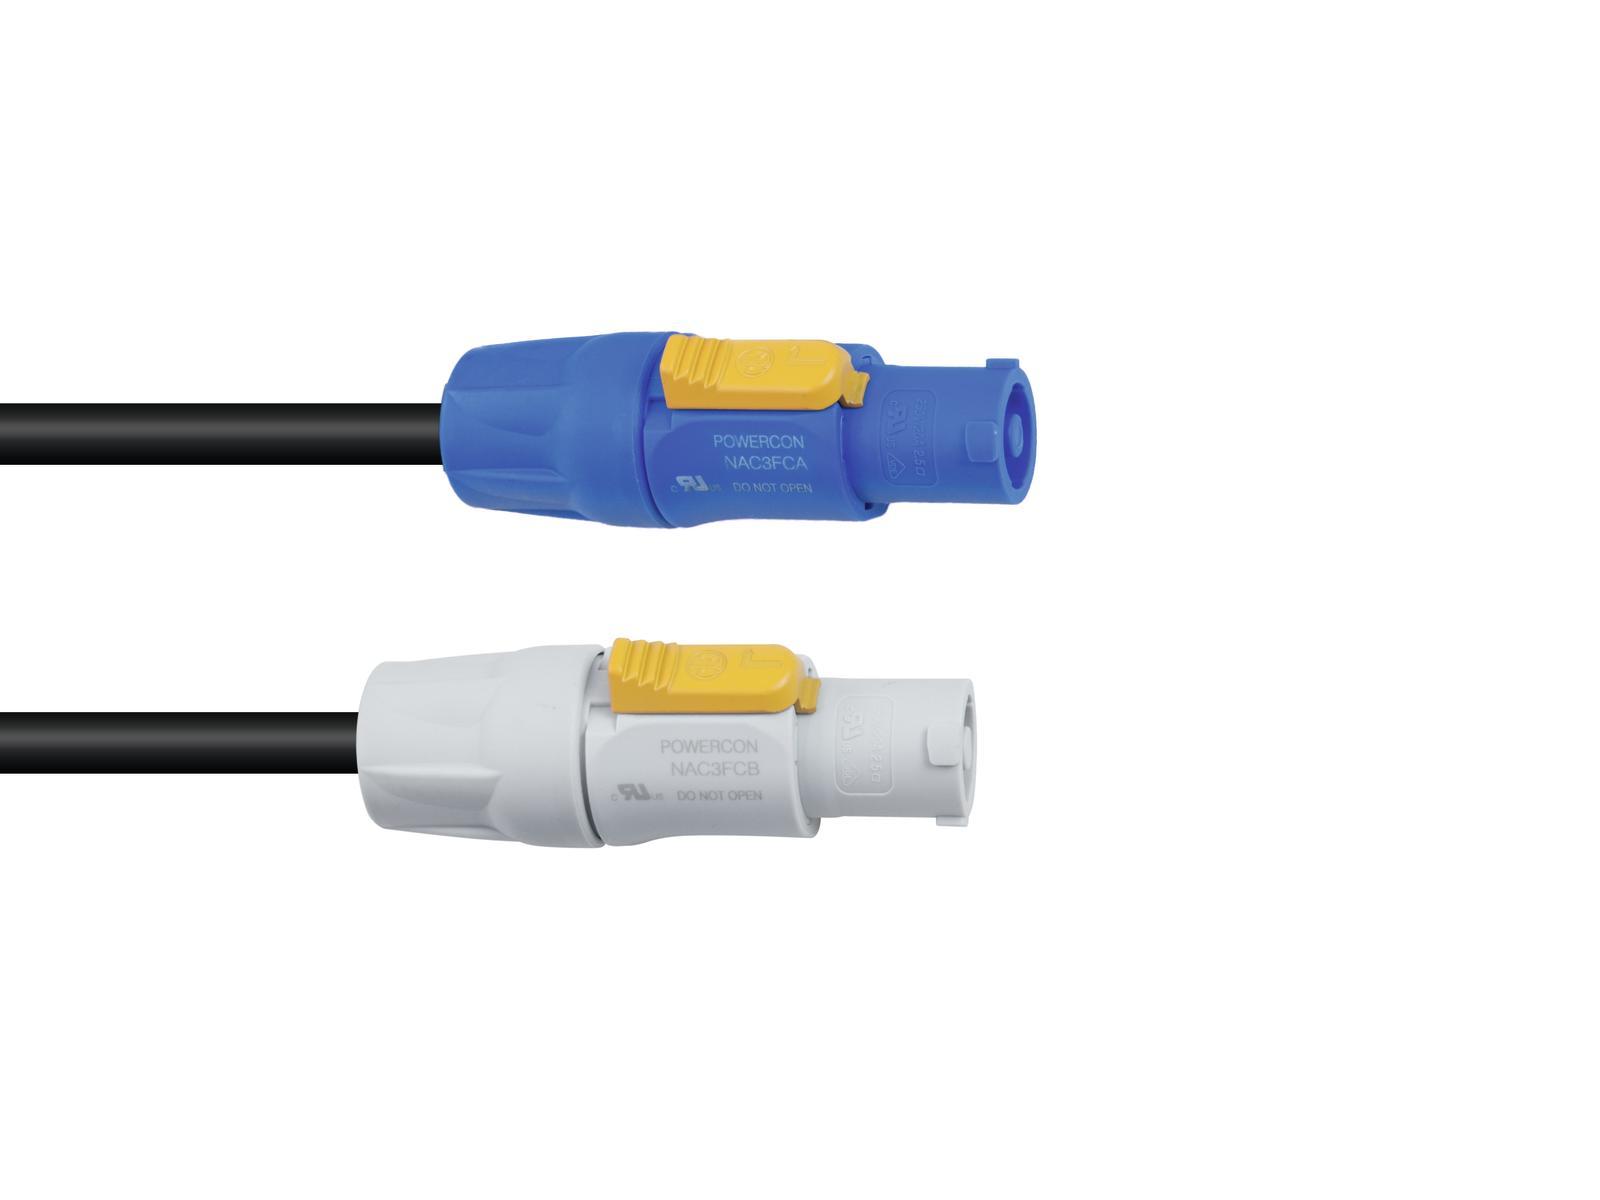 Fotografie PSSO Powercon prodlužovací kabel 1m, 3x1,5mm